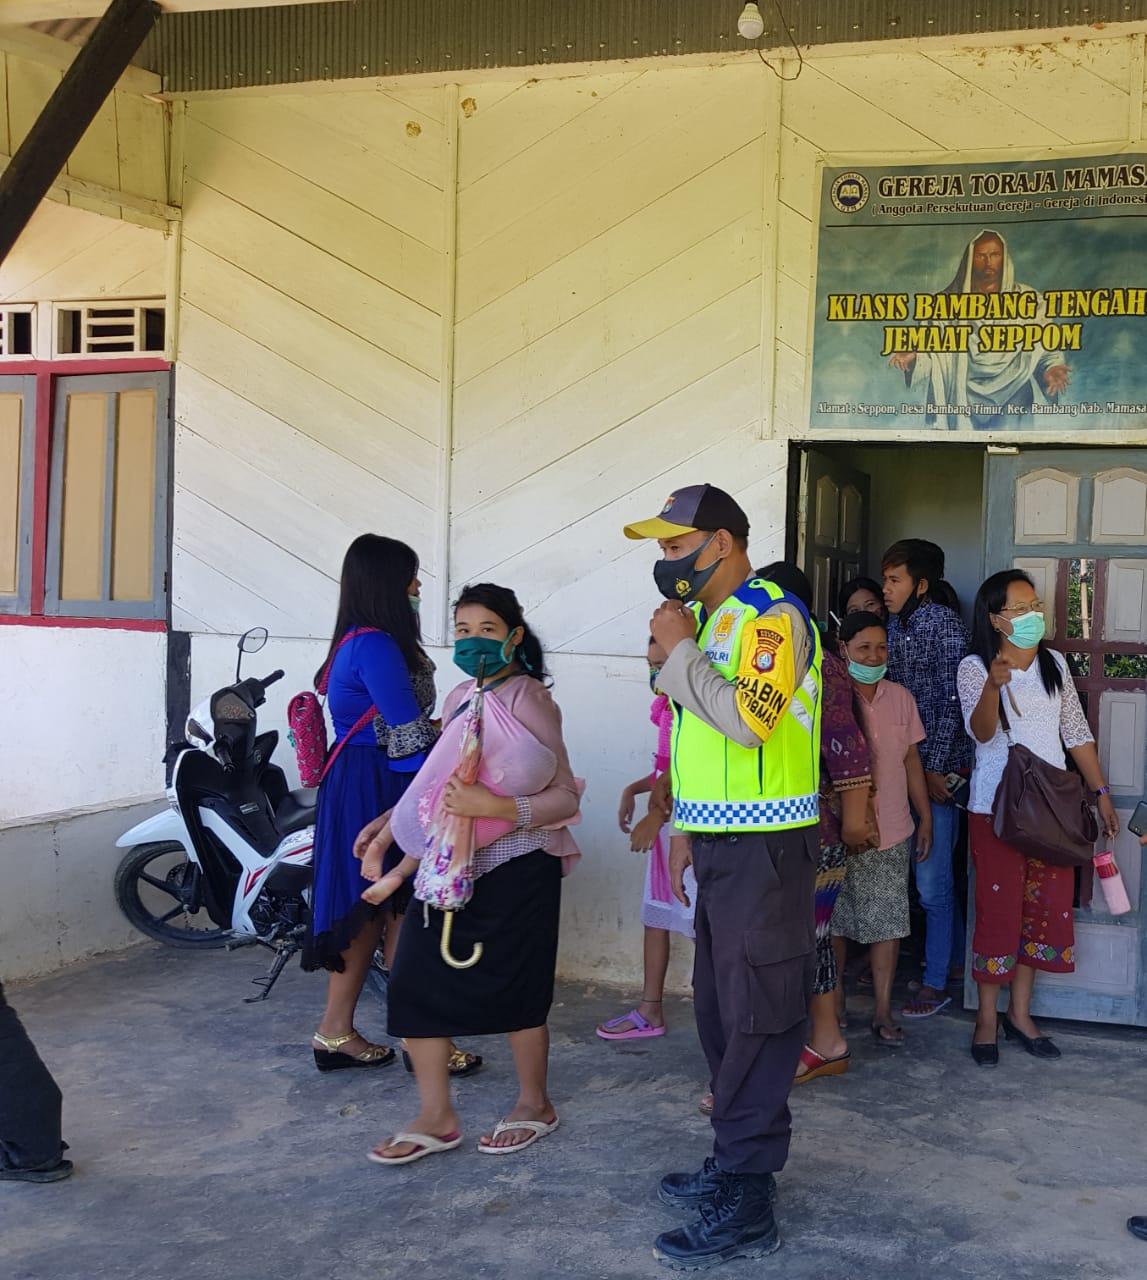 Pasca Bom Bunuh Diri di Makassar, Polres Mamasa Perketat Penjagaan di Gereja